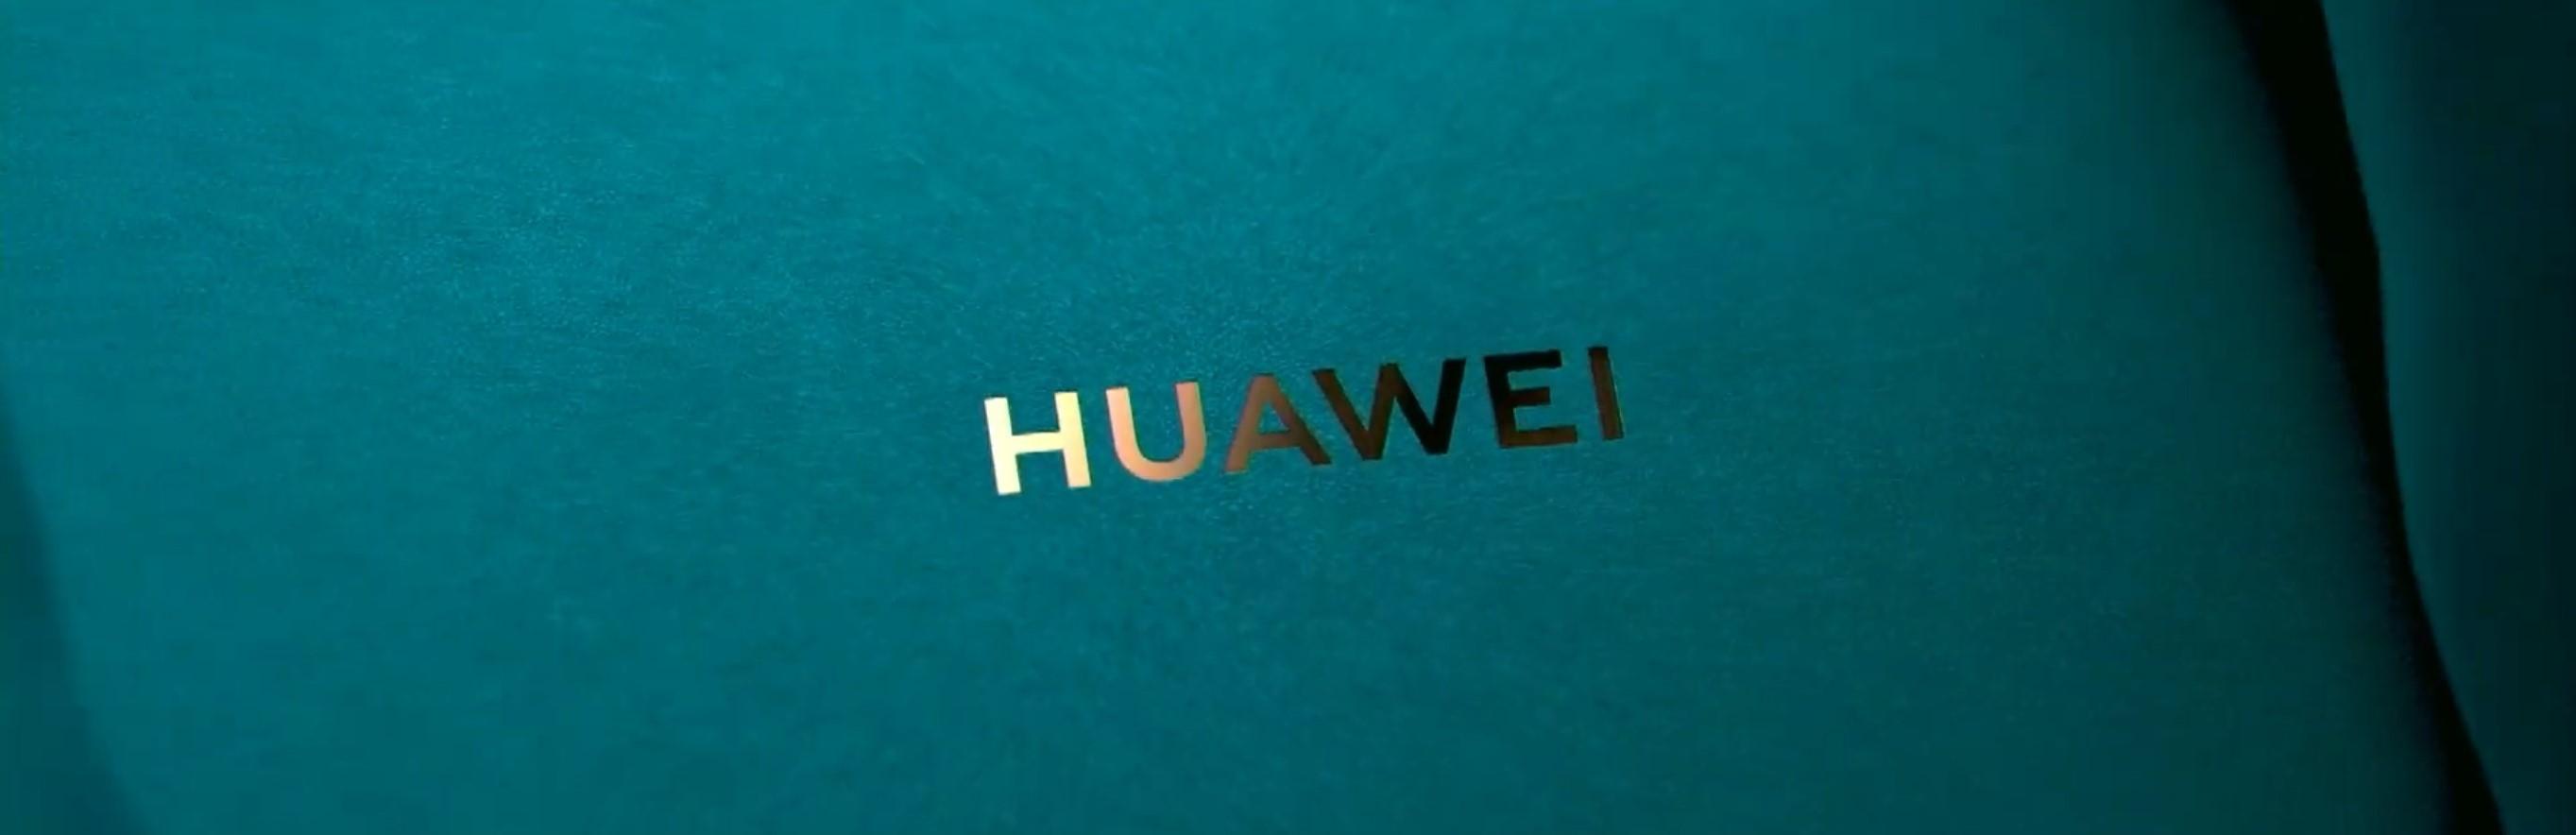 Huawei bliskie ułaskawienia w USA - przynajmniej pod względem współpracy przy budowie sieci 5G 18